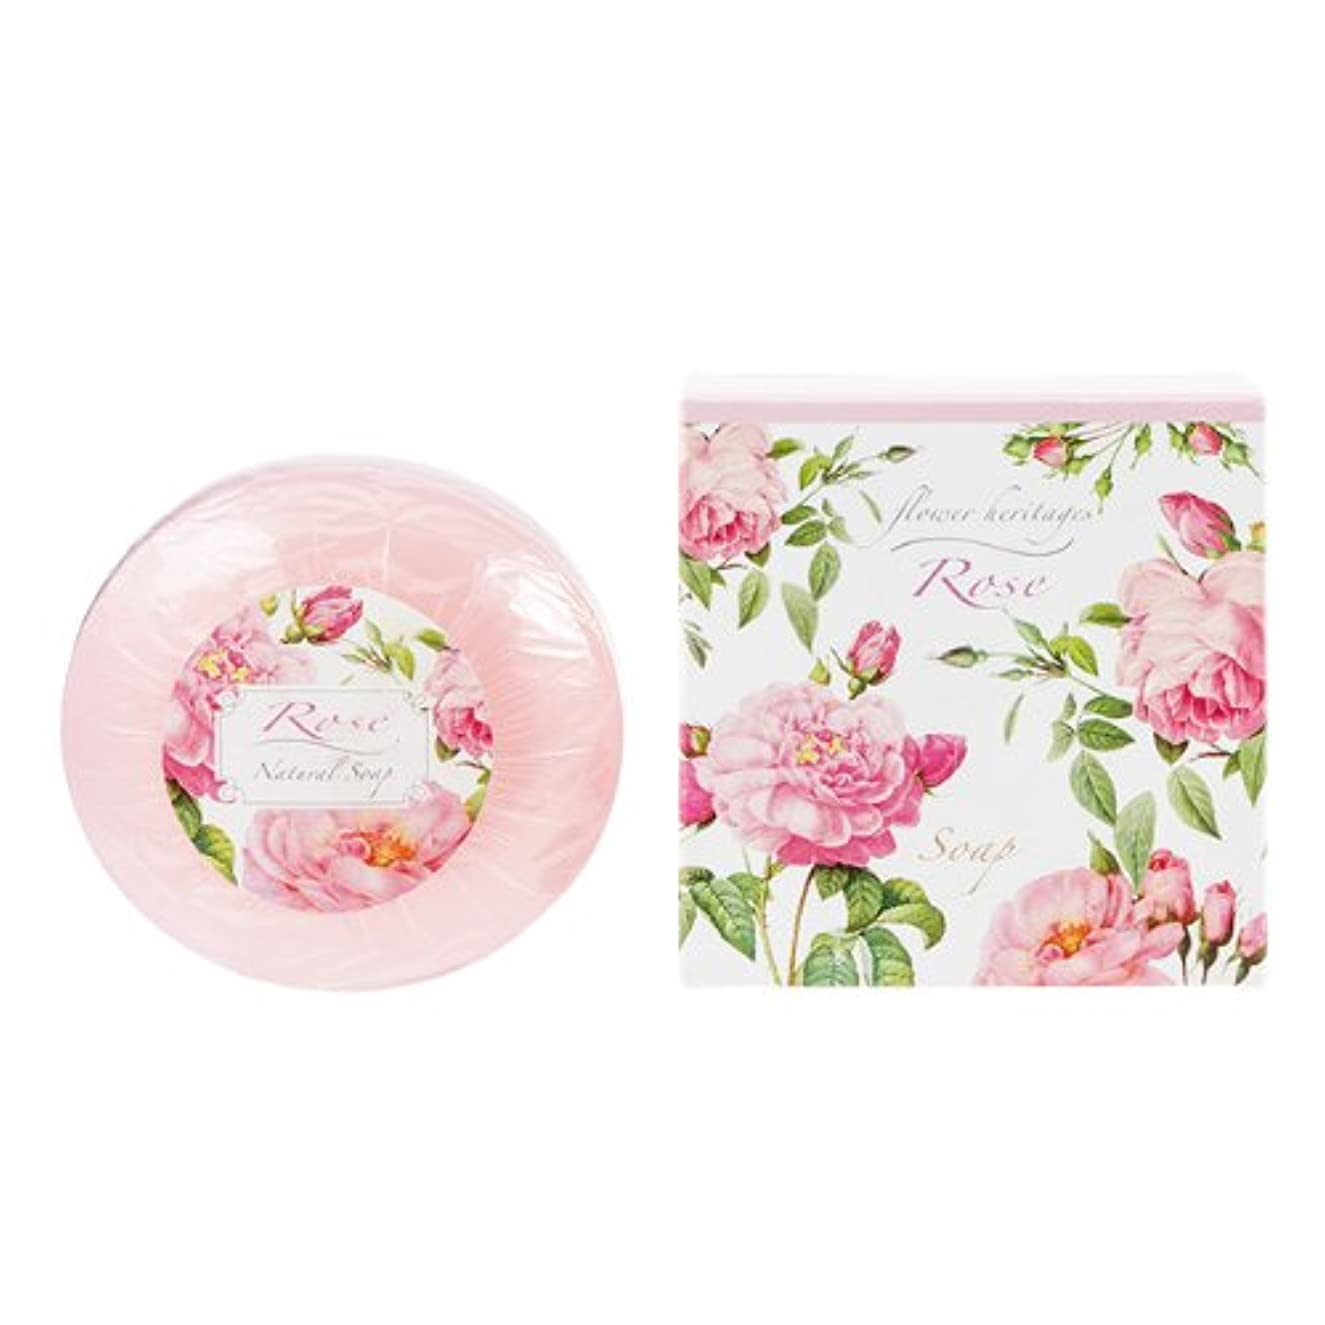 ランチョン米国キャンセルネイチャータッチ (Nature Touch) Flower Heritage ソープ120g/ローズ